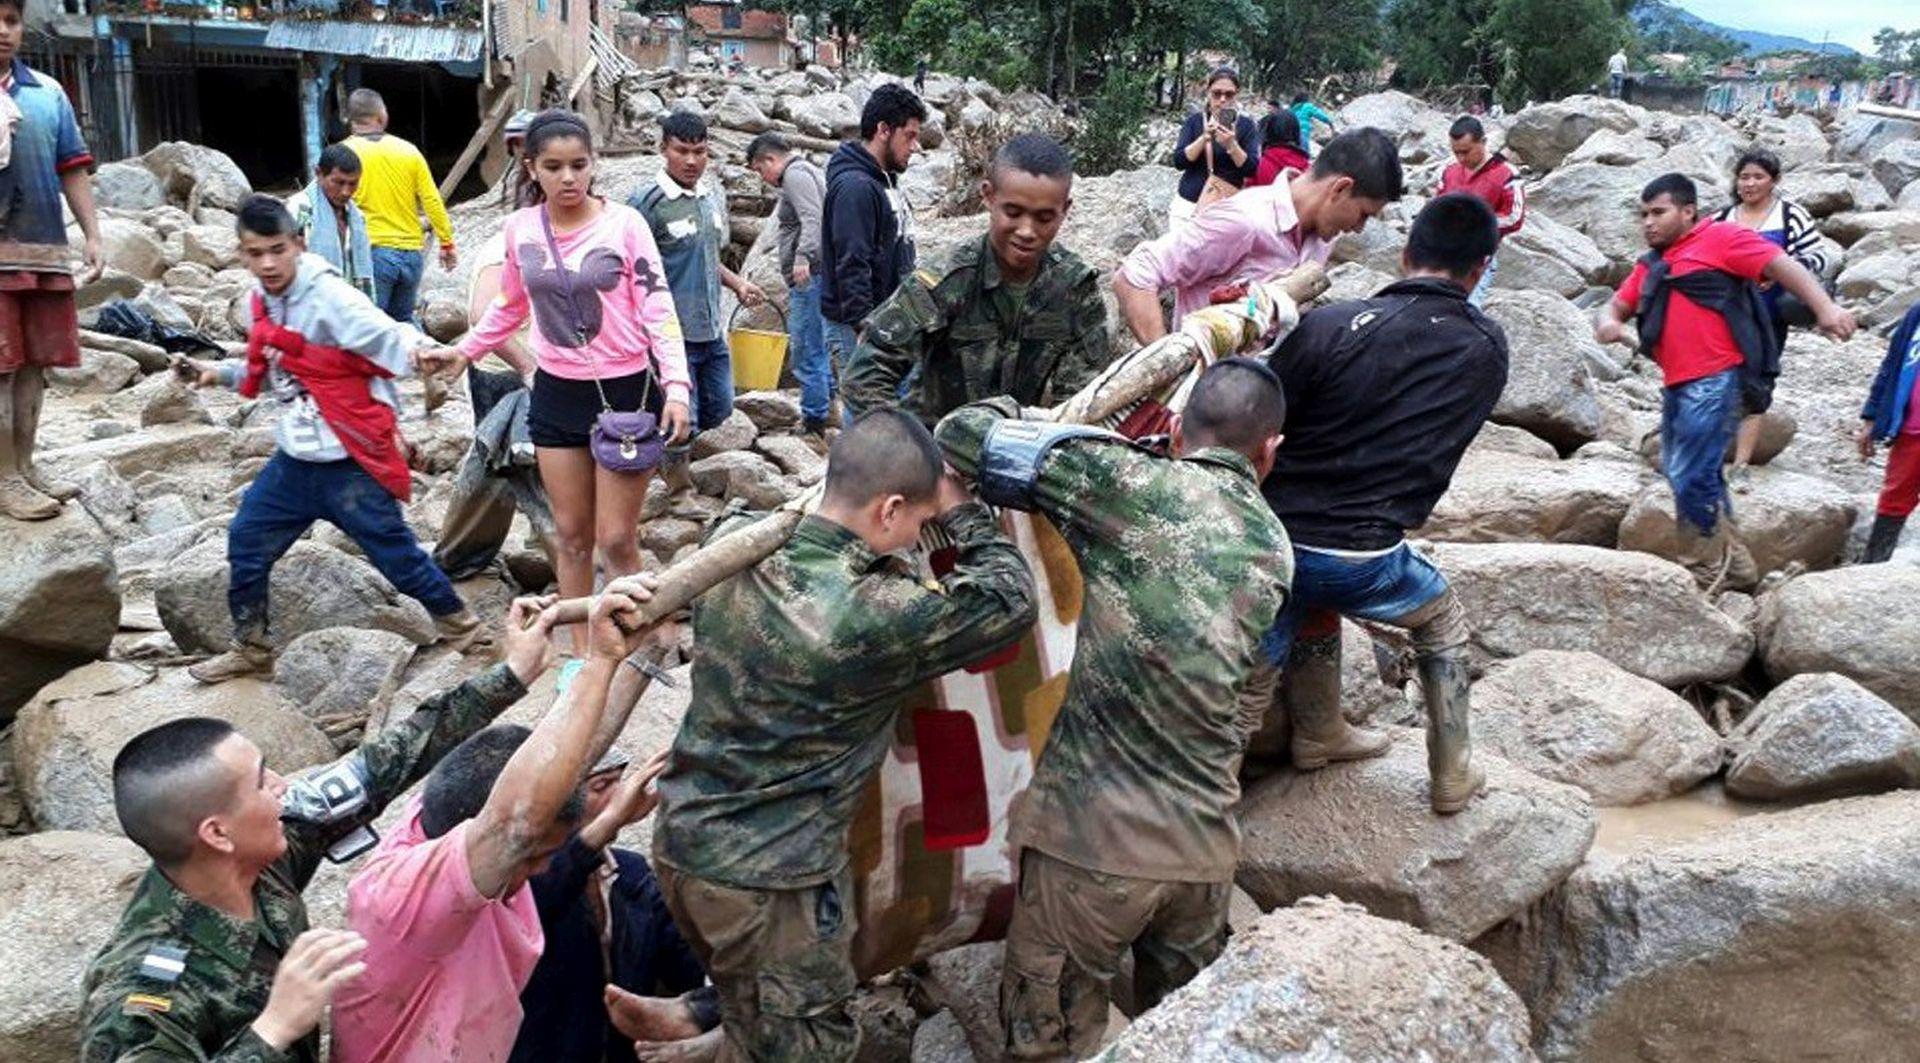 VIDEO: BROJ ŽRTAVA RASTE U bujici blata u Kolumbiji više od 150 mrtvih, 400 ozlijeđenih